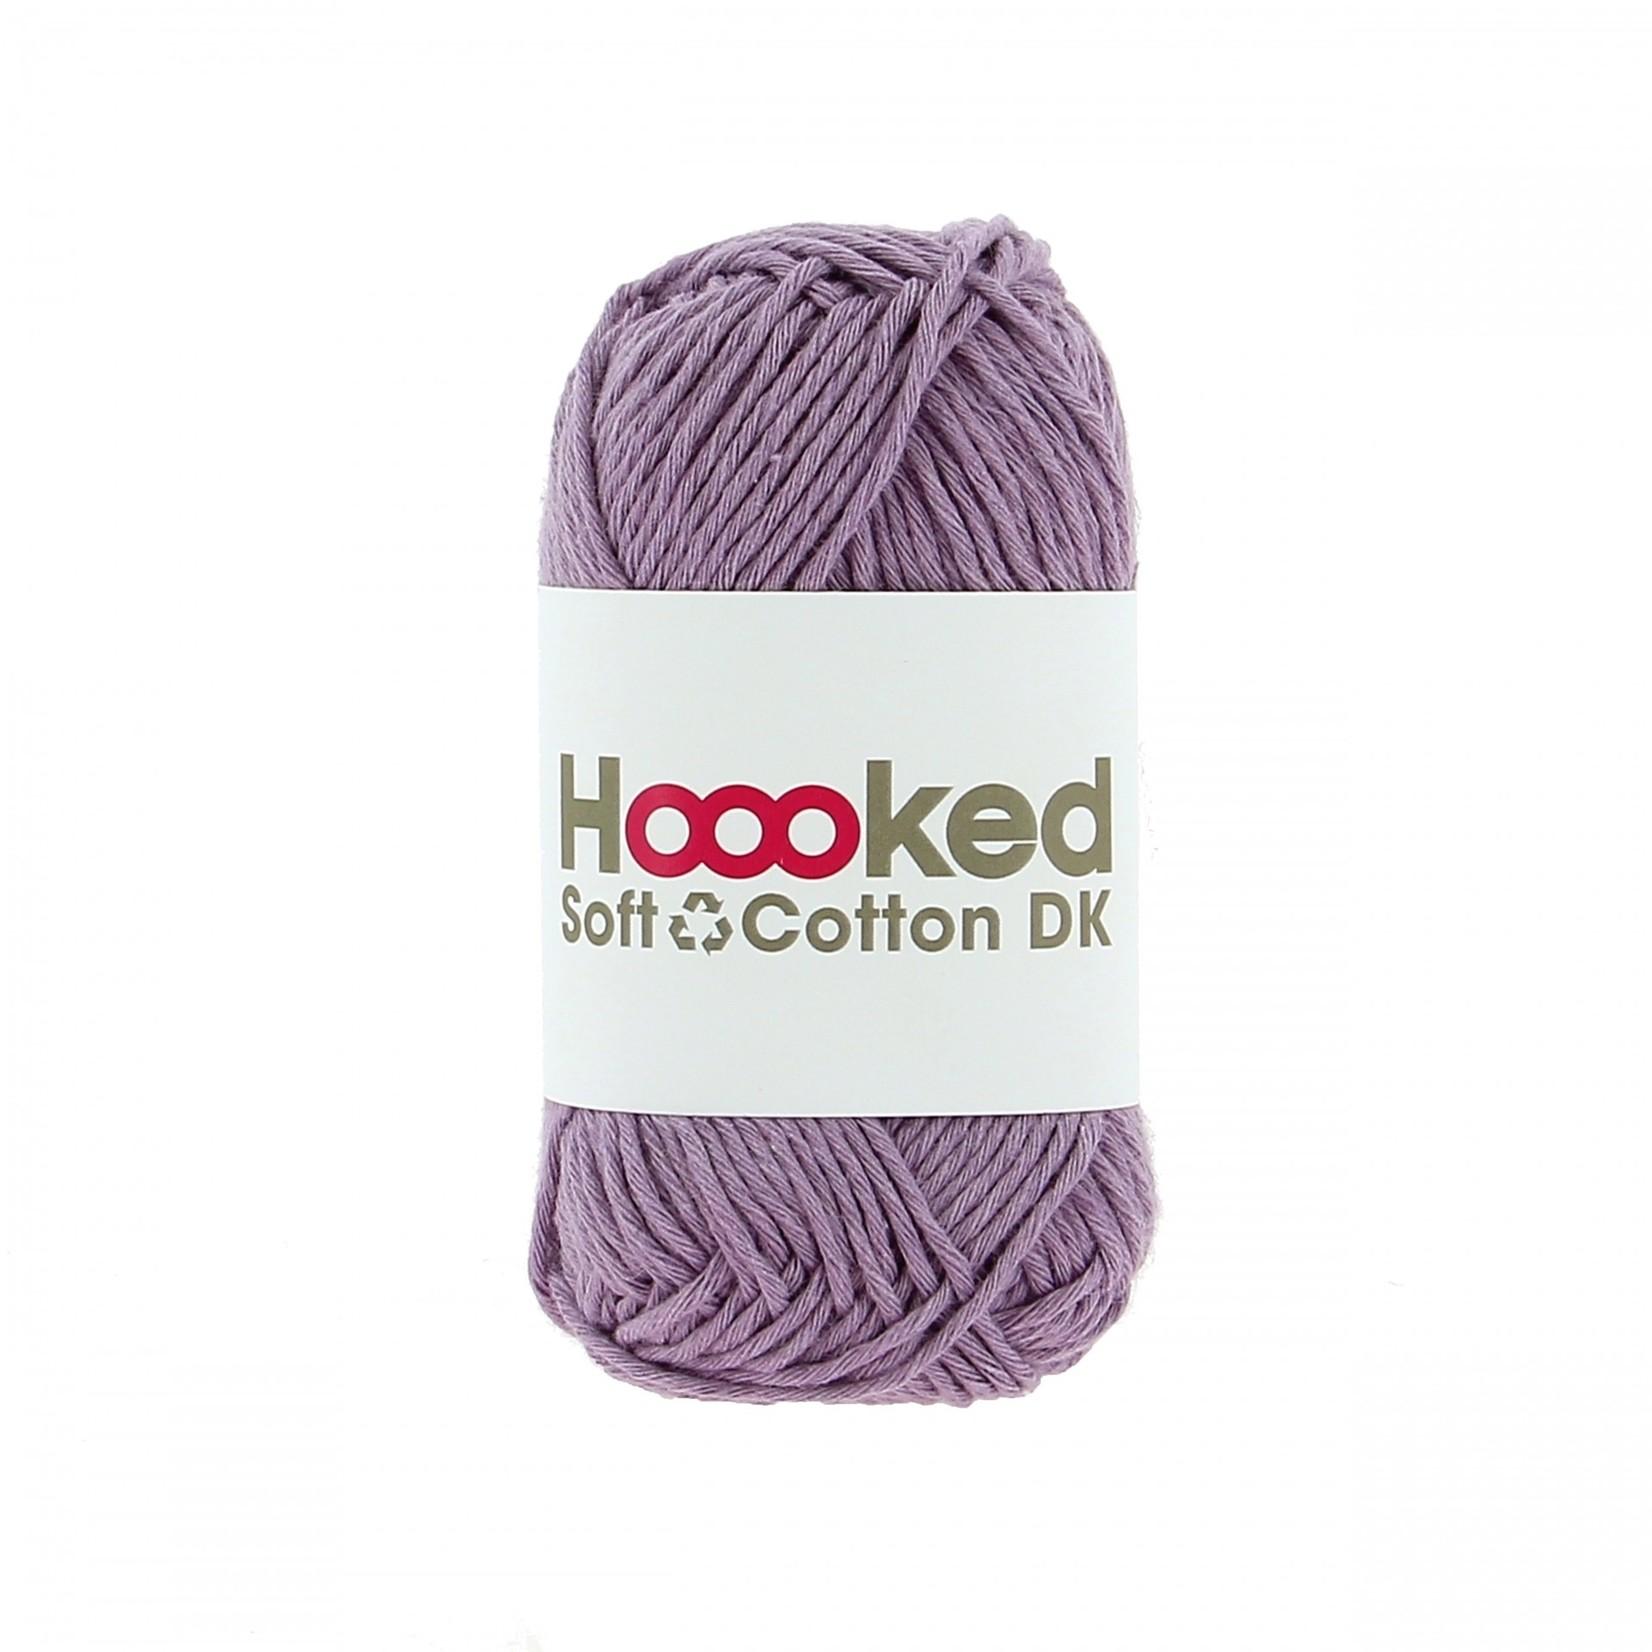 Hoooked Hoooked Soft Cotton DK Granada Lavender 50 gr. / 85 m.